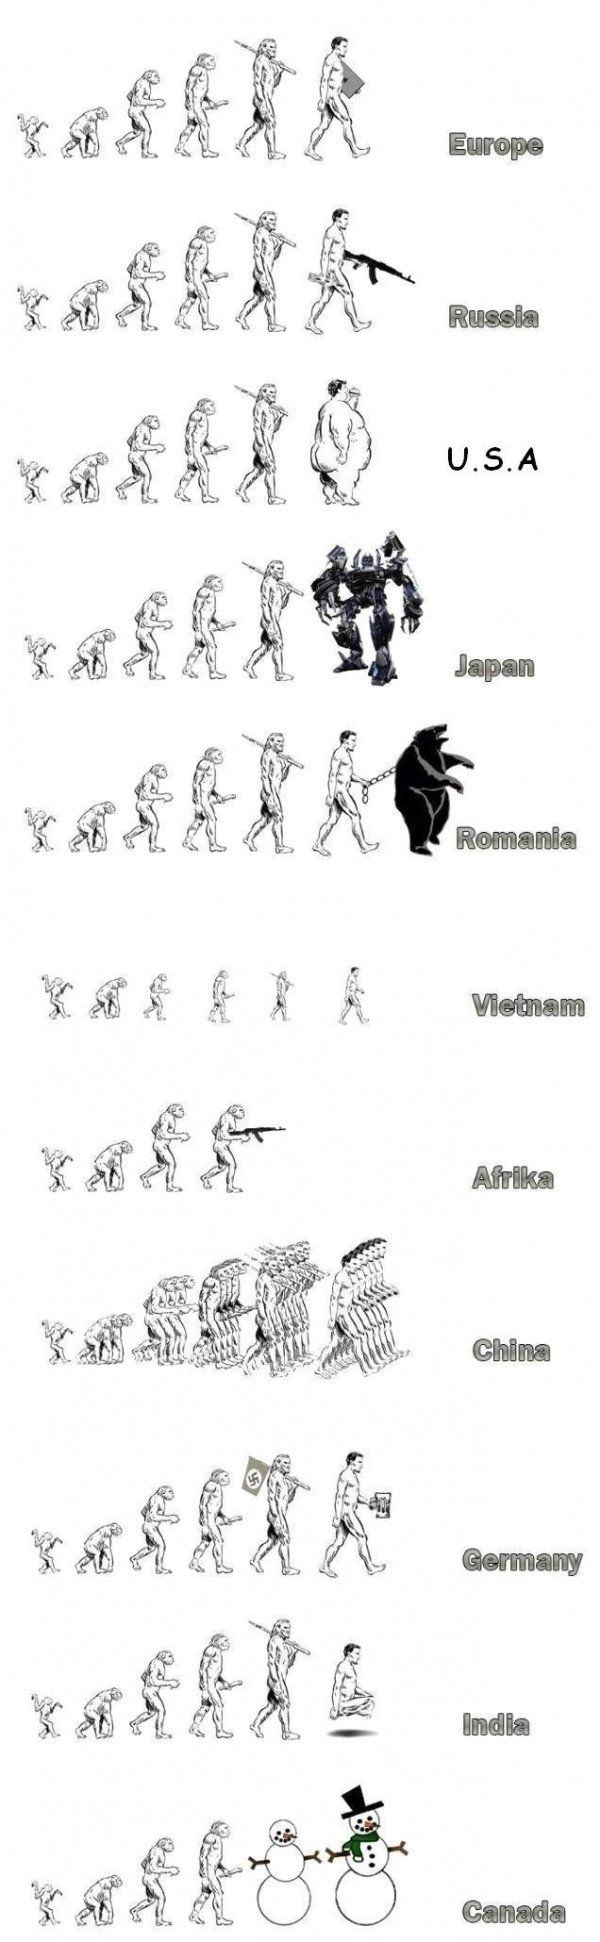 Η εξέλιξη του ανθρώπου7